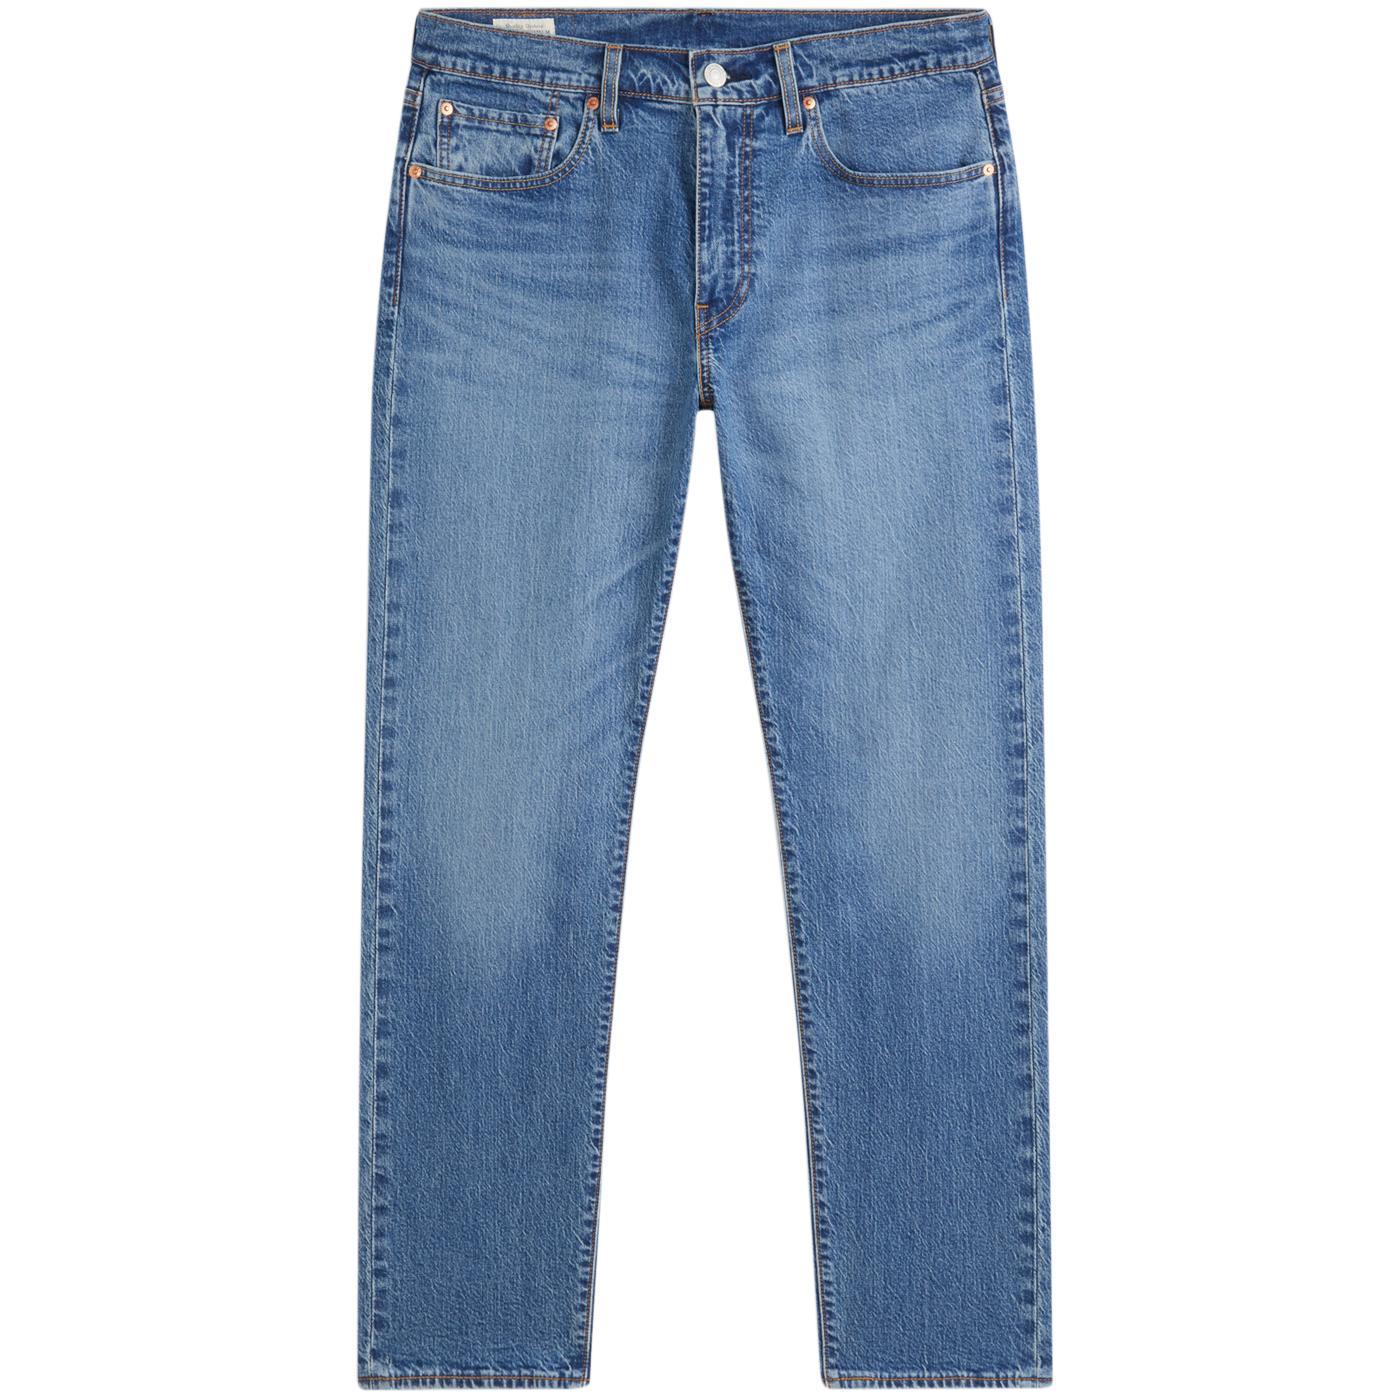 LEVI'S 502 Taper Retro Mod Jeans (Squeezy Coolcat)